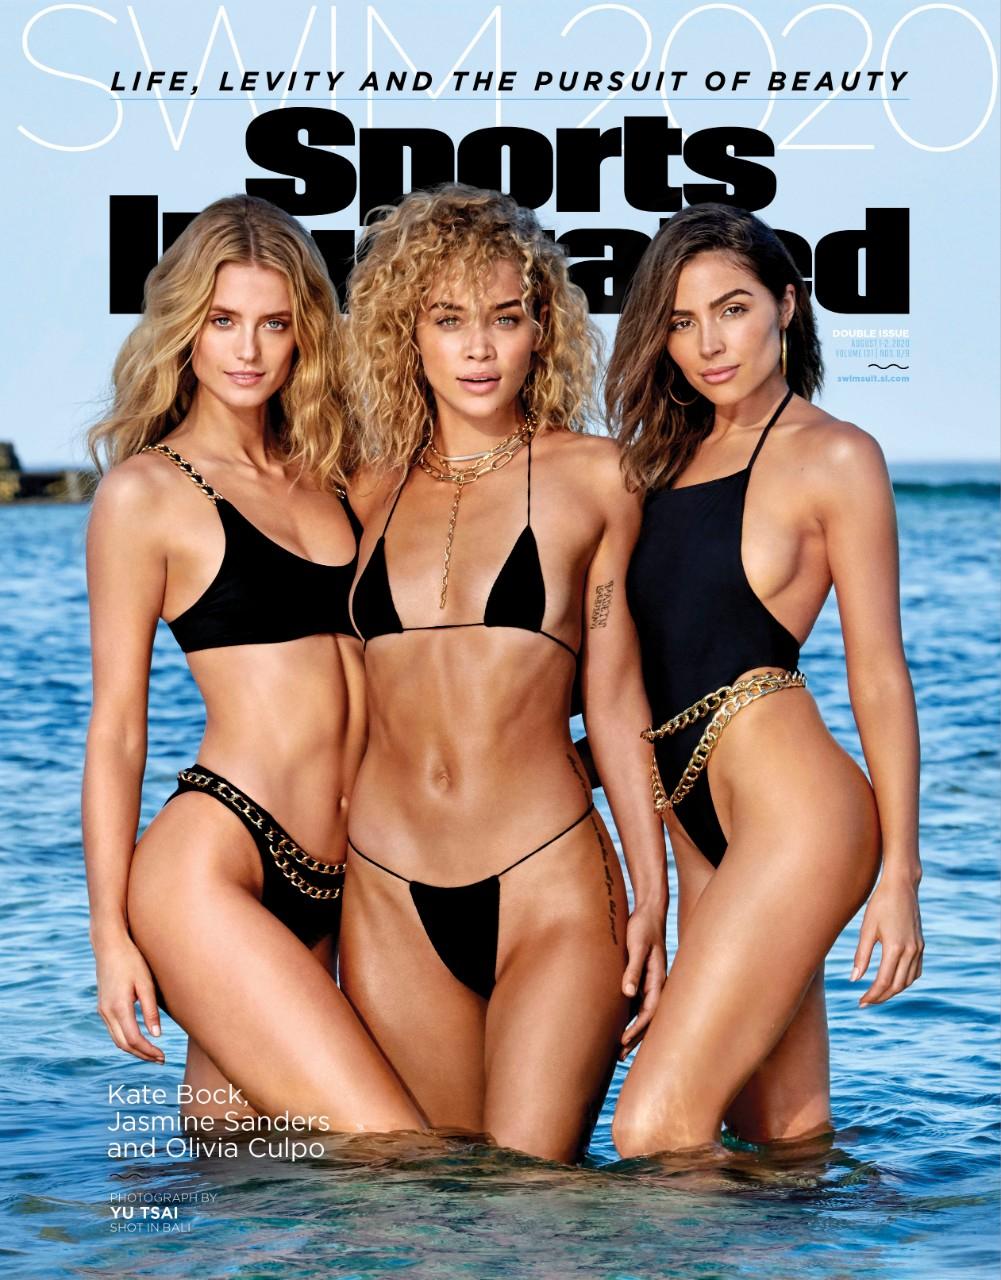 Olivia Culpo, Jasmine Sanders, Kate Bock, Sports Illustrated